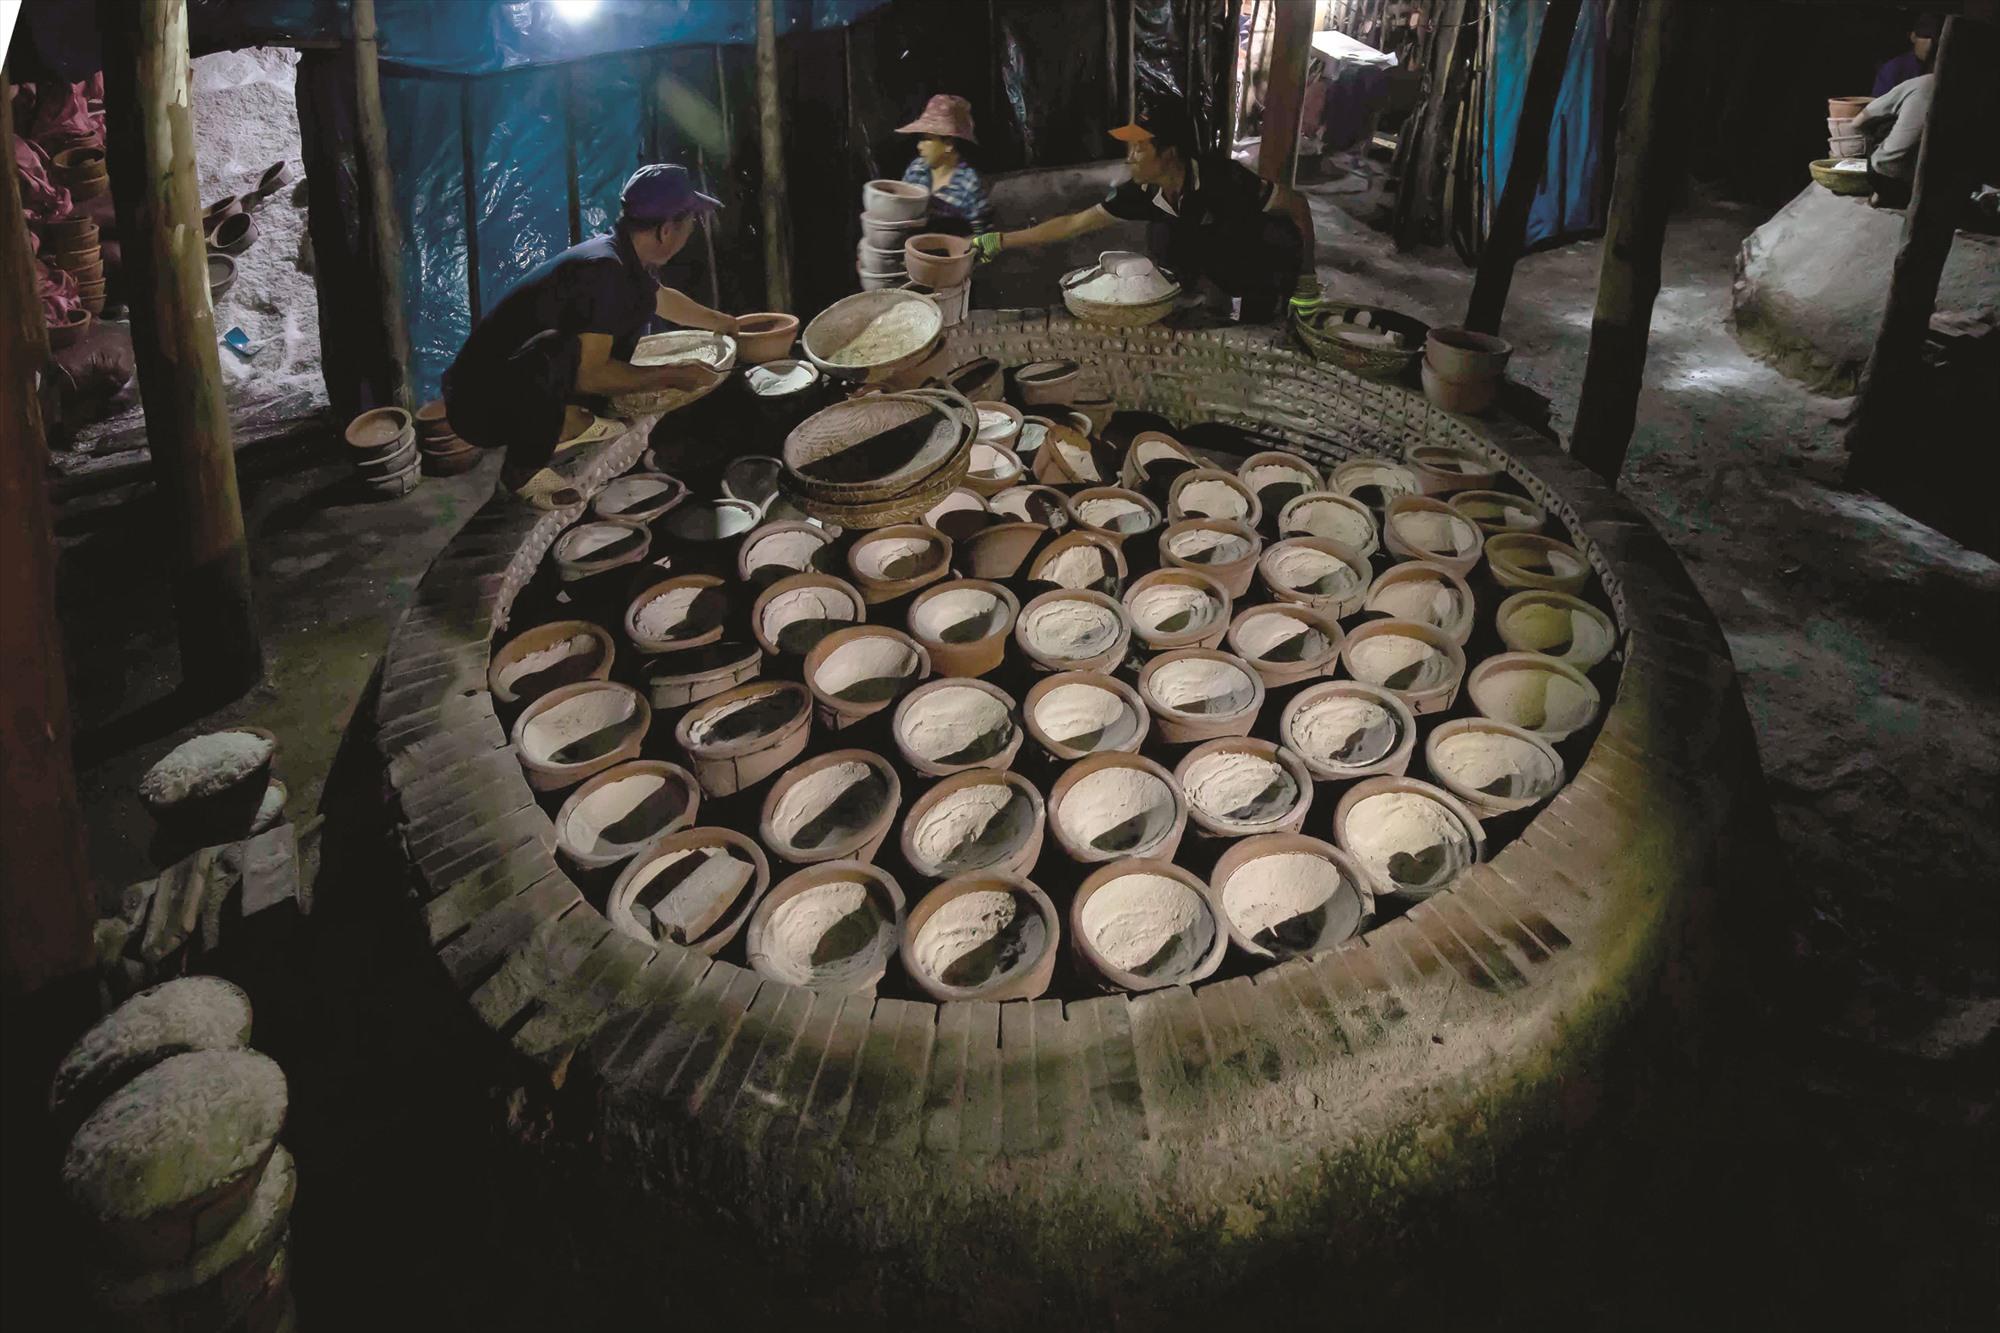 Muối chín được đưa ra khỏi lò sau 24 giờ hầm liên tục bằng than.